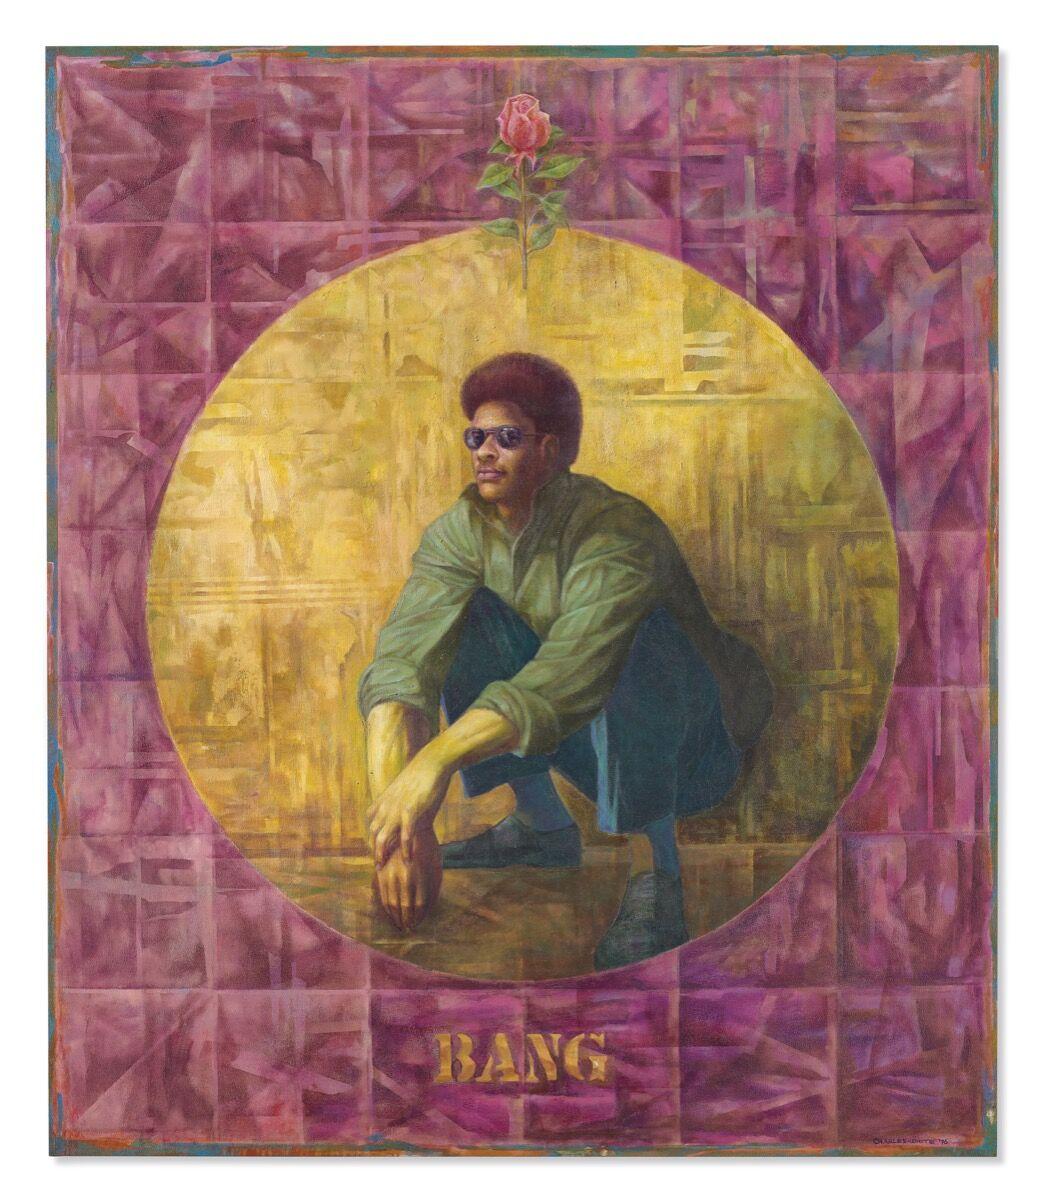 Charles White, Banner for Willie J, 1976. Courtesy of Christie's.